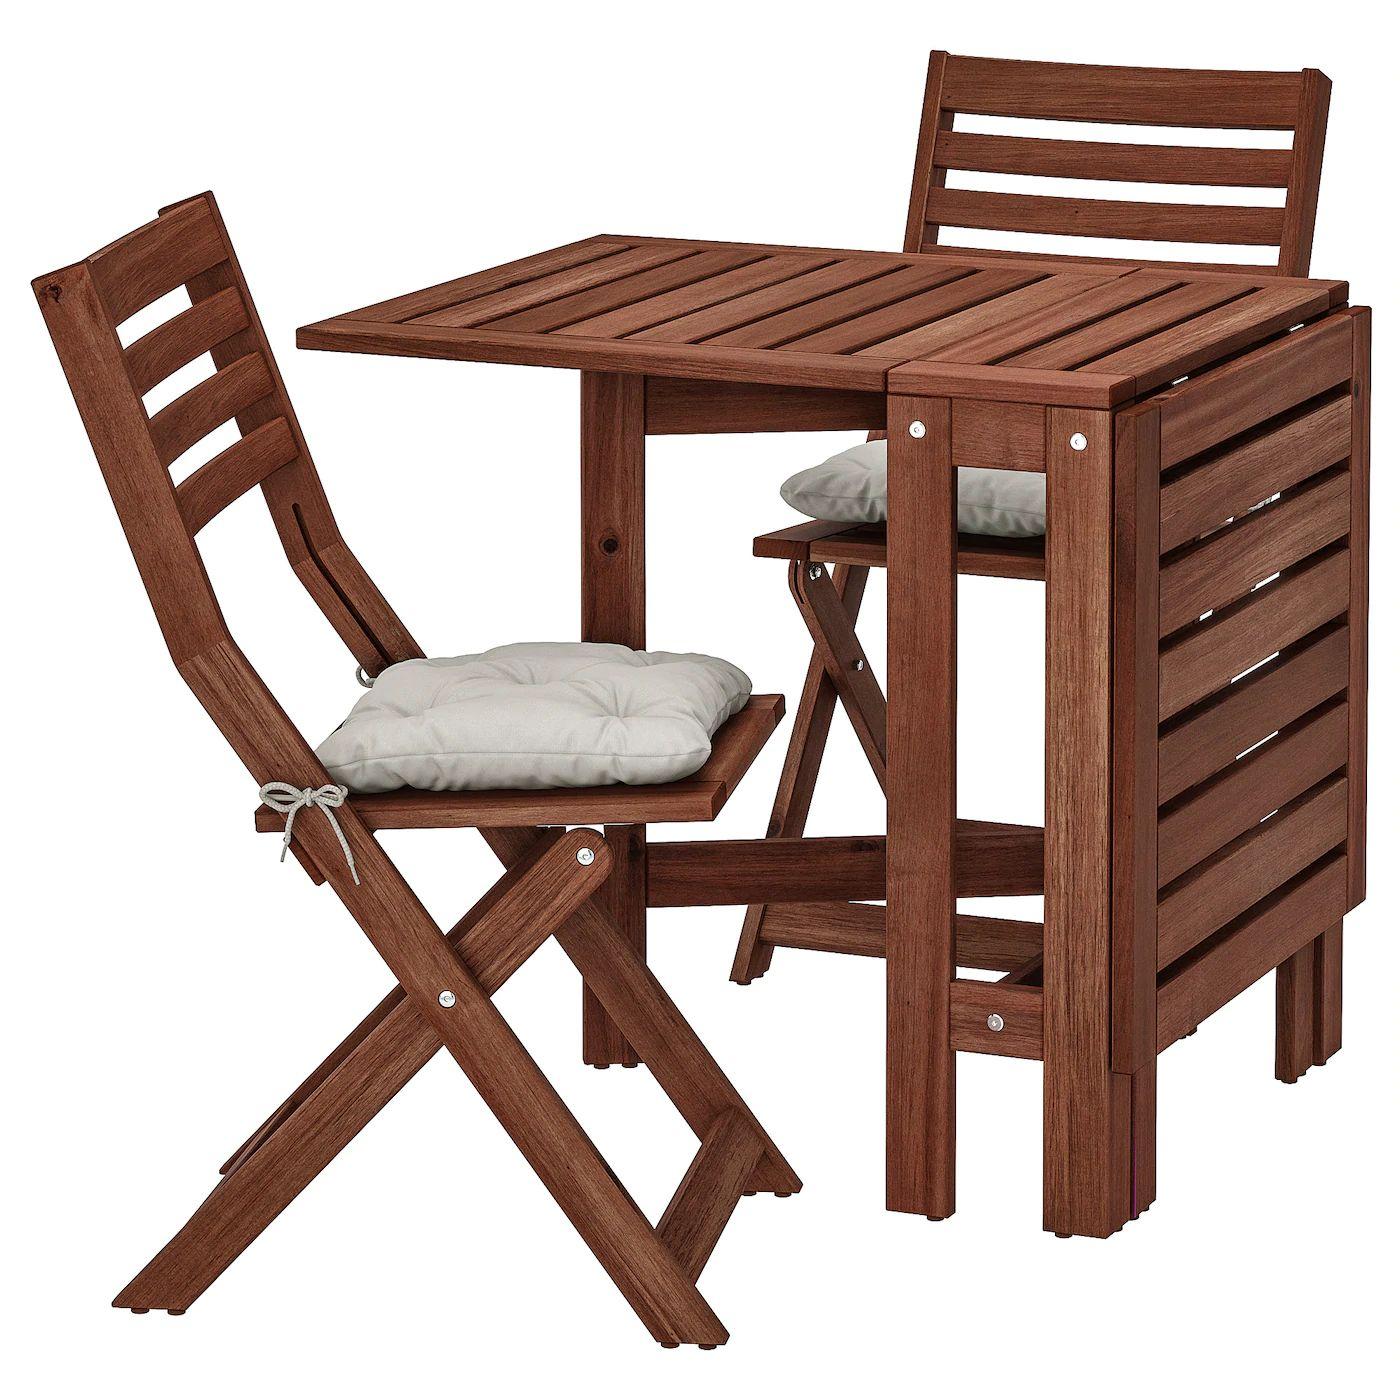 IKEA - Stół+2 składane krzesła, na zewątrz, brązowa bejca, Kuddarna szary